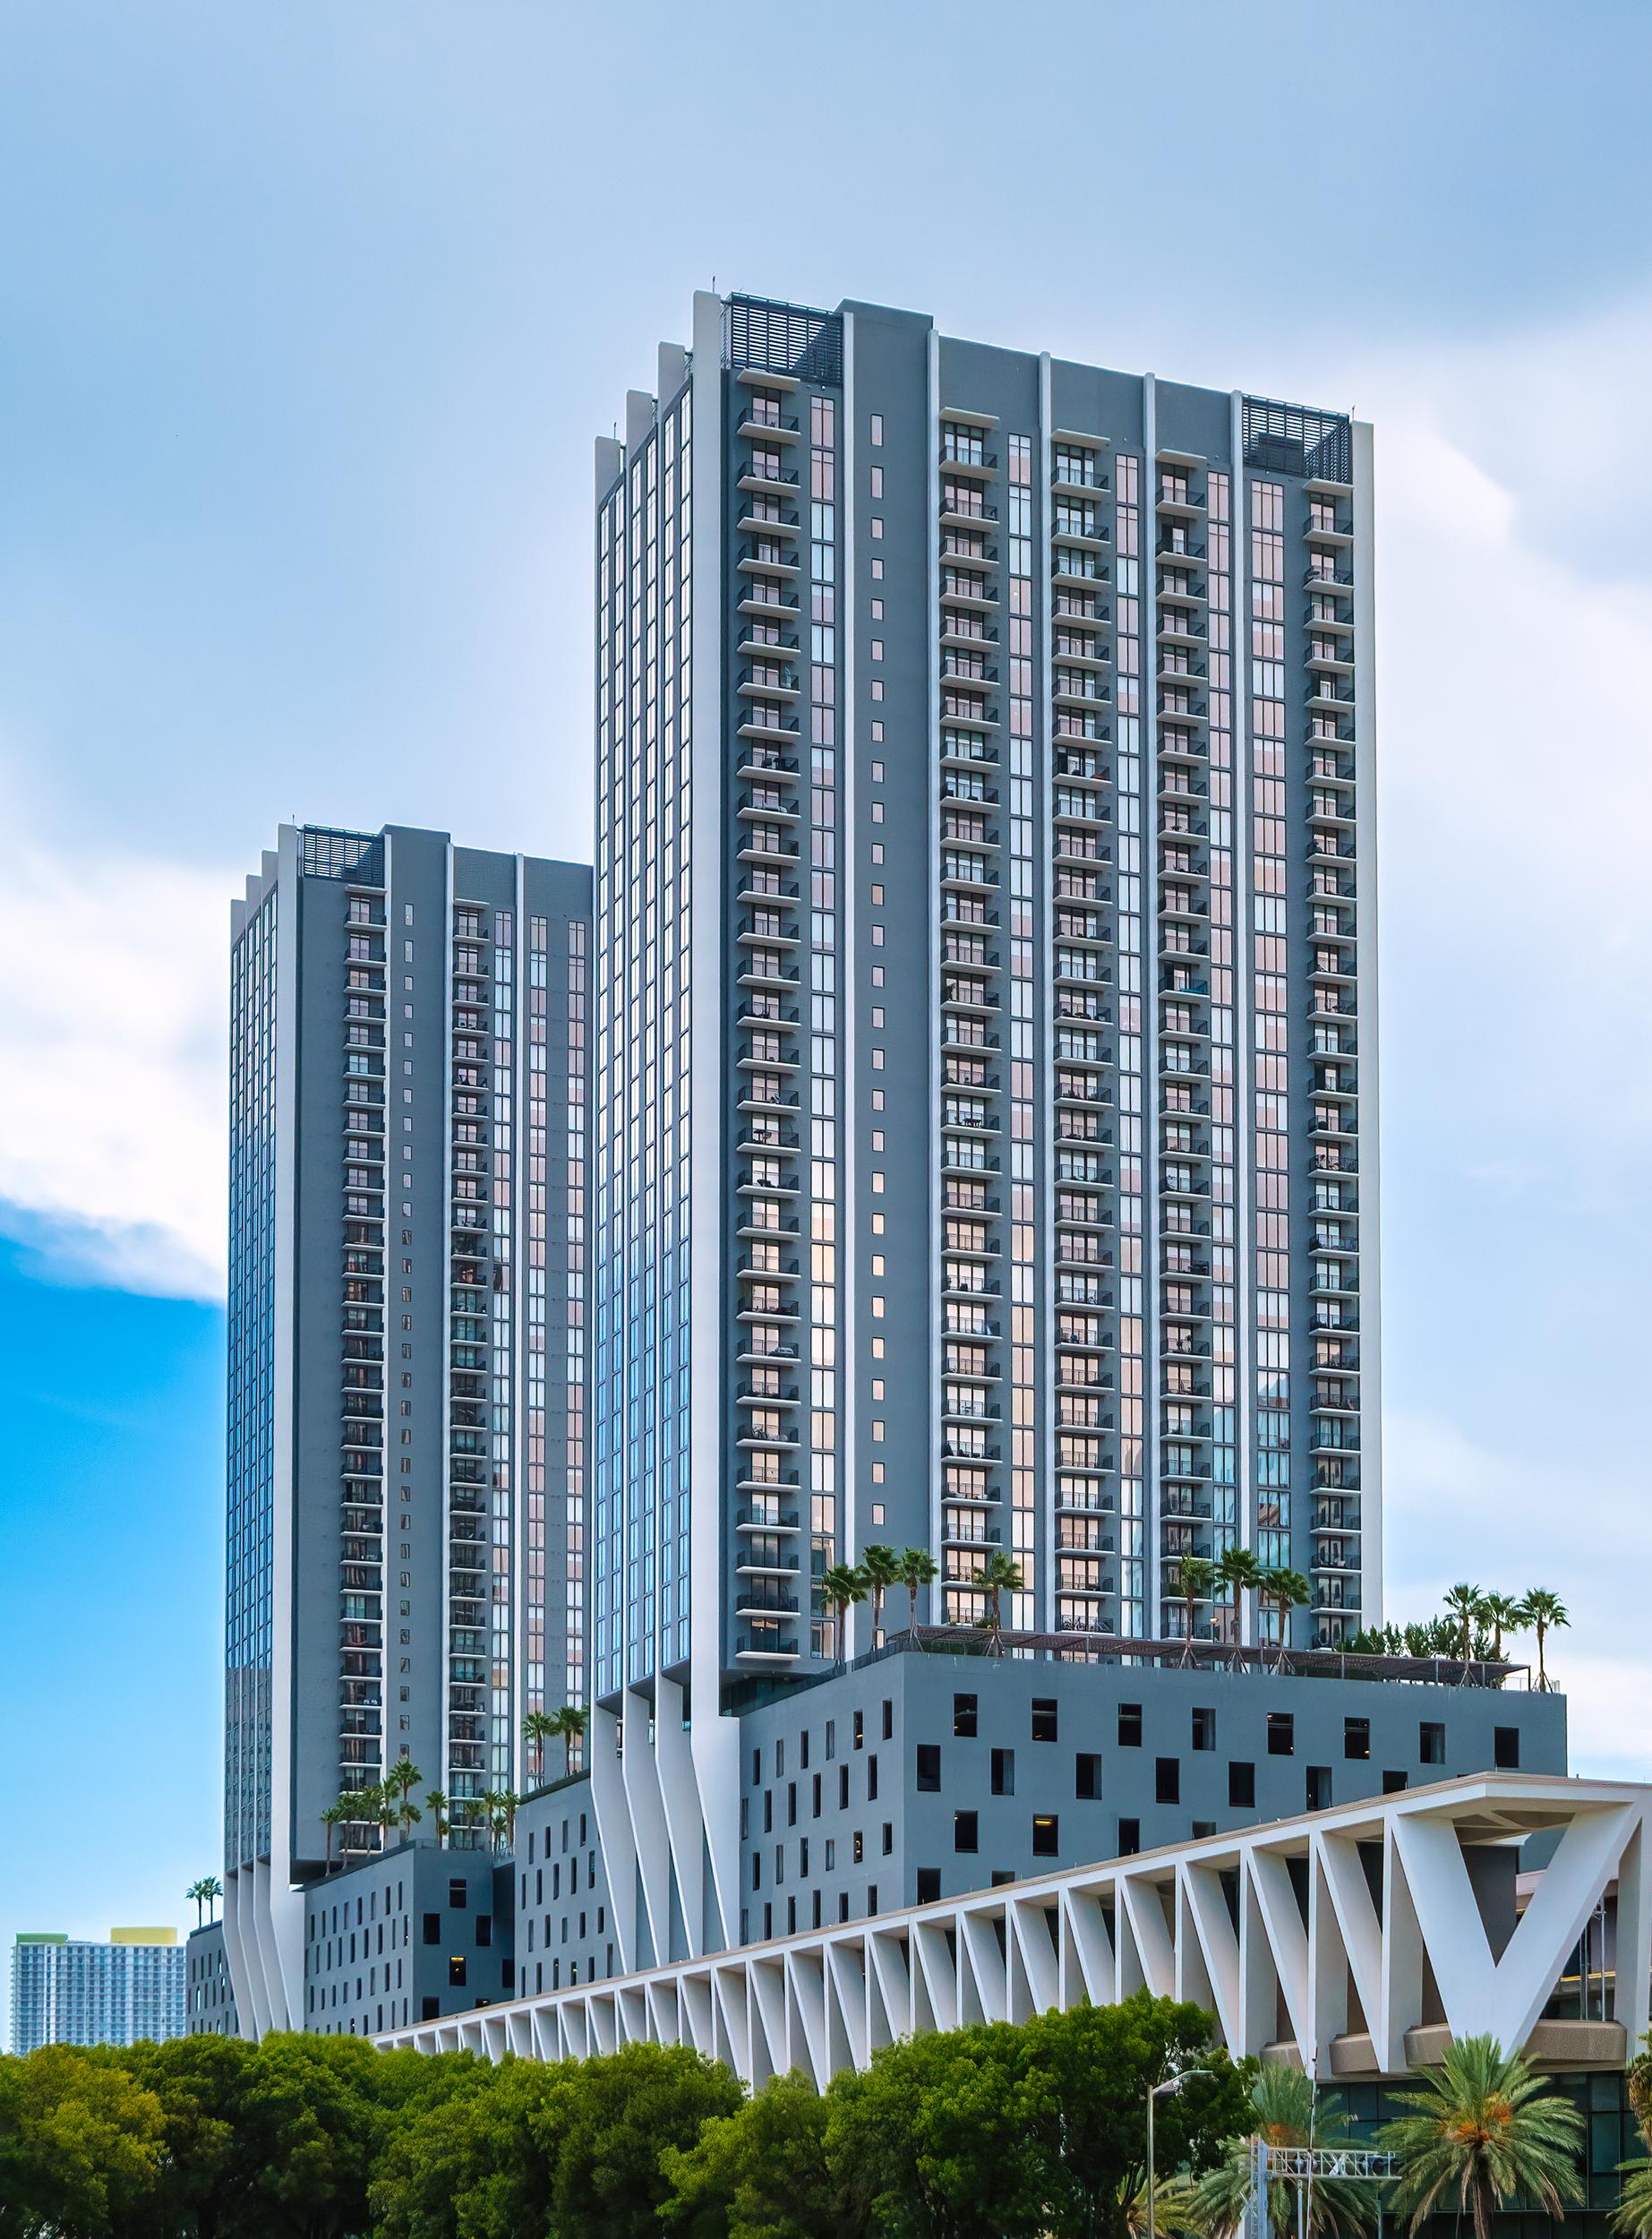 ParkLine Miami. Designed by NBWW Architects.